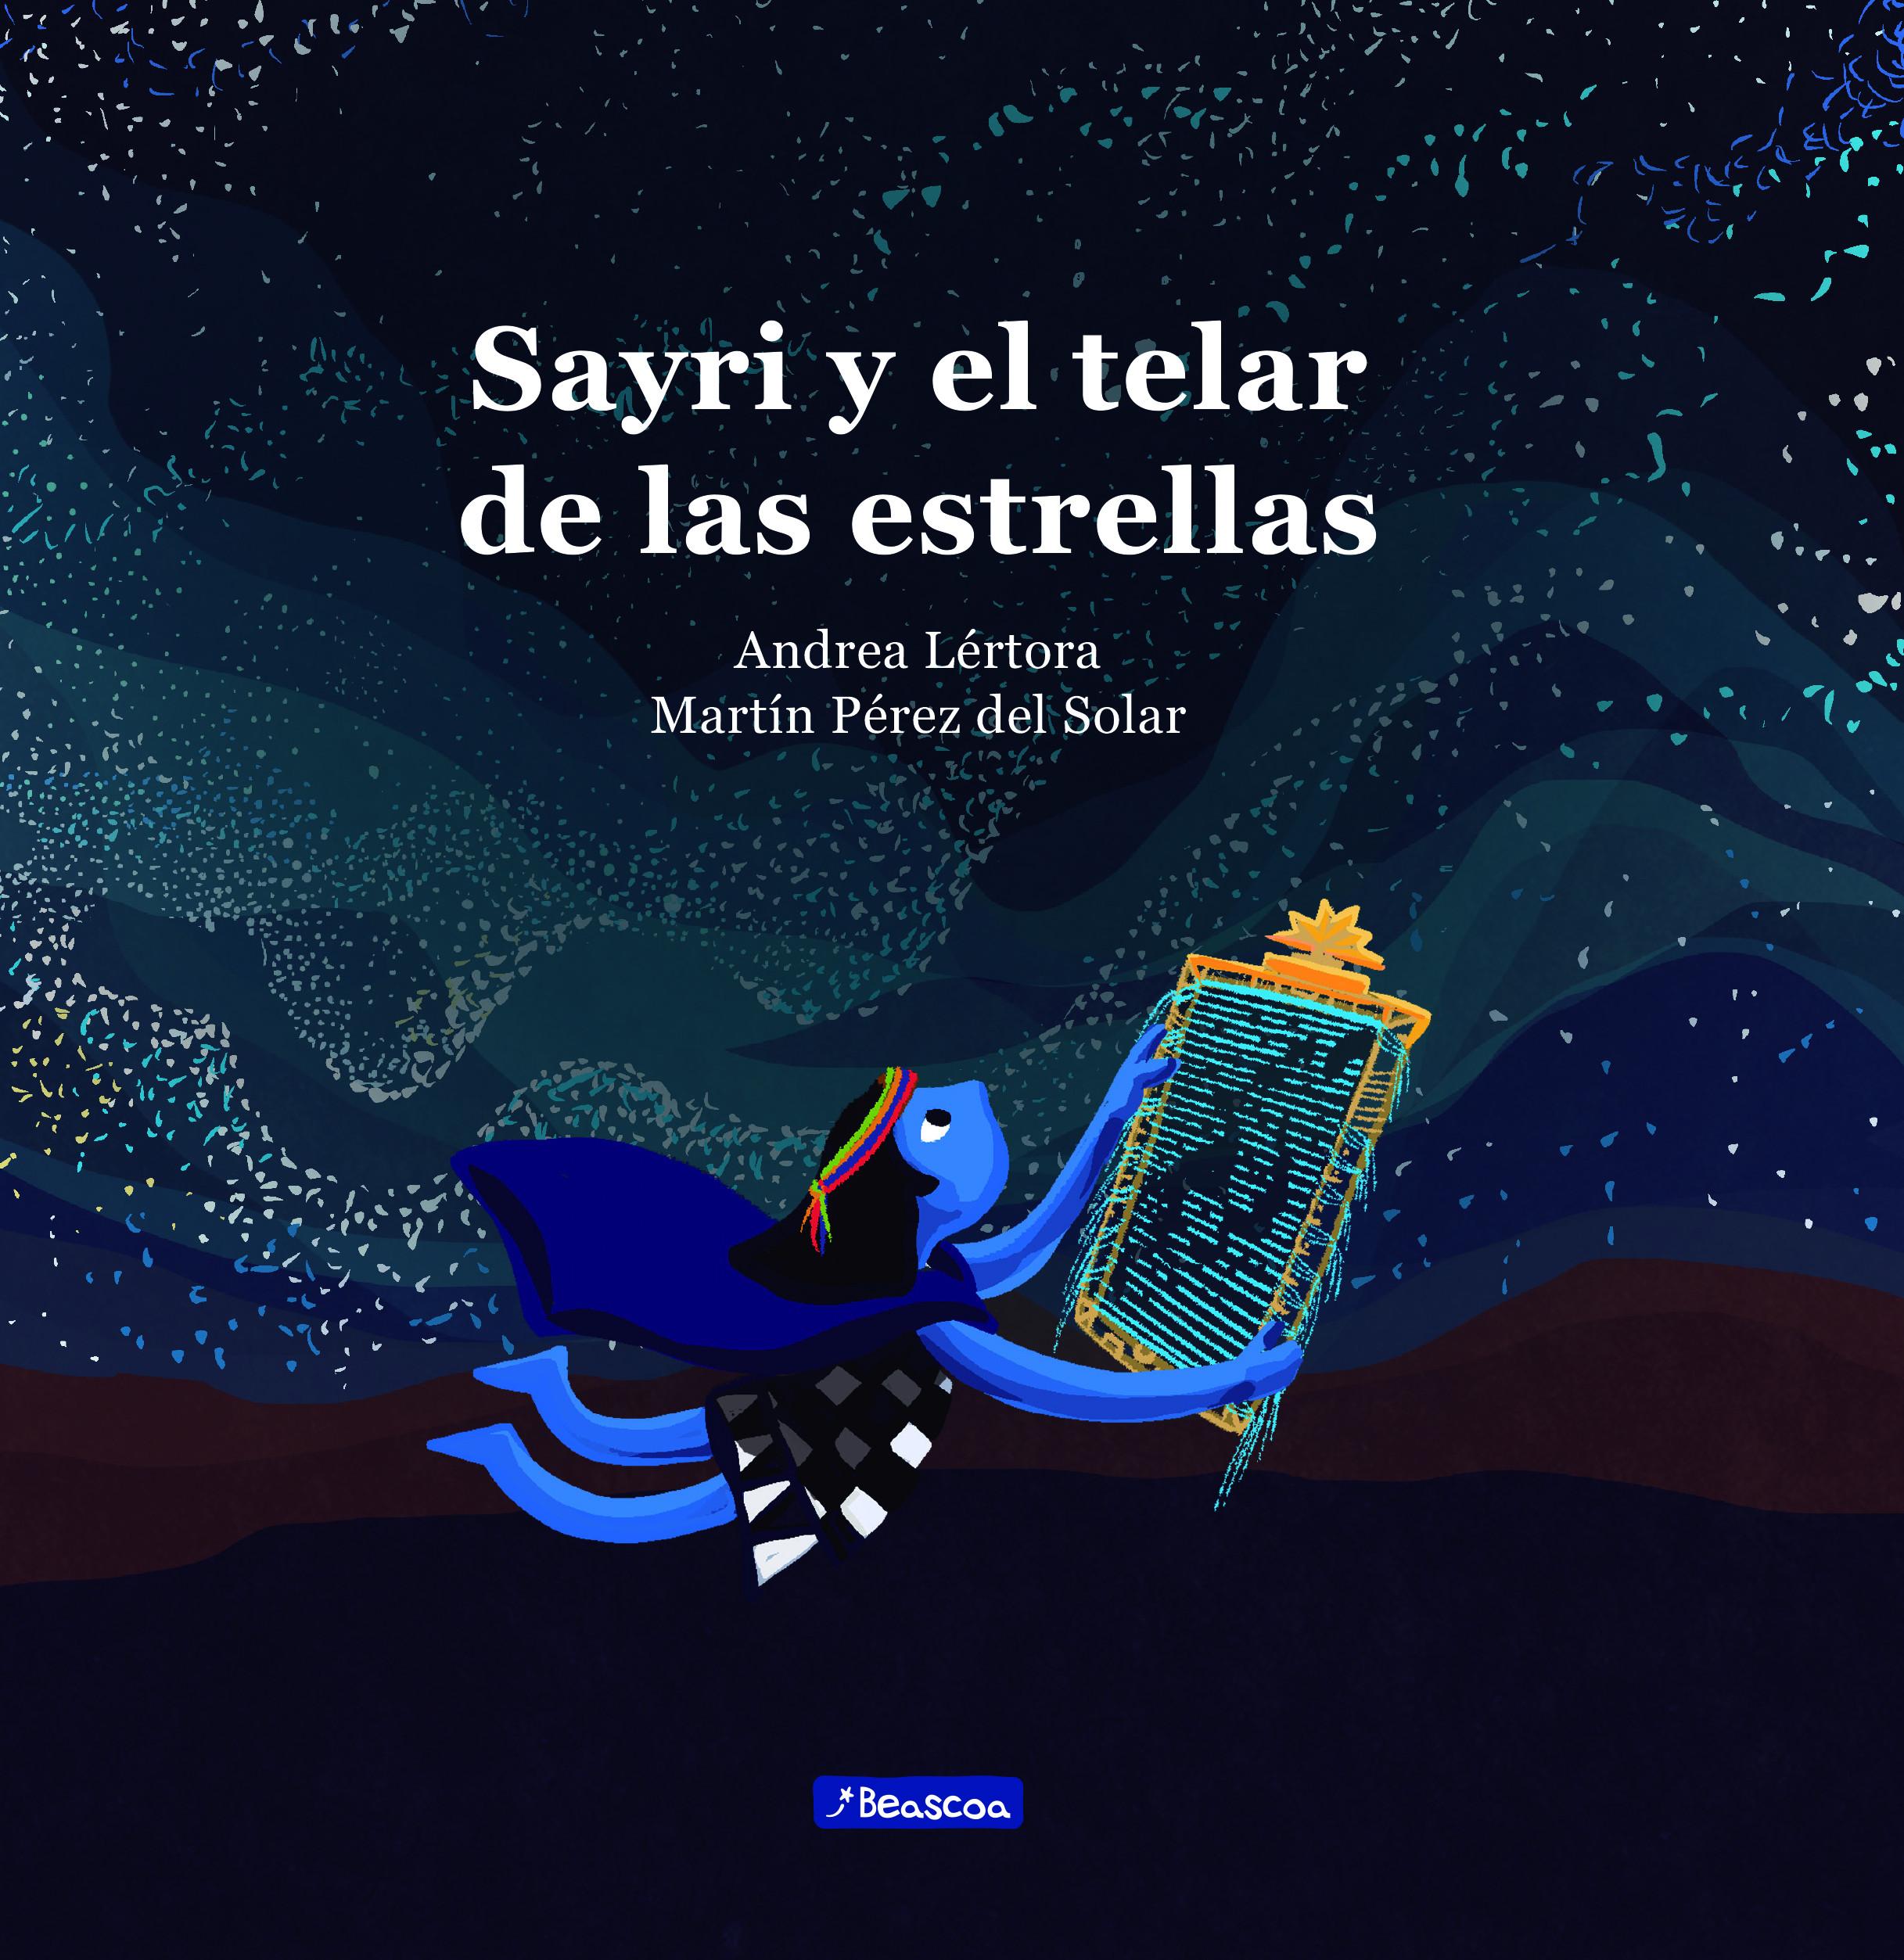 Sayri y el telar de las estrellas